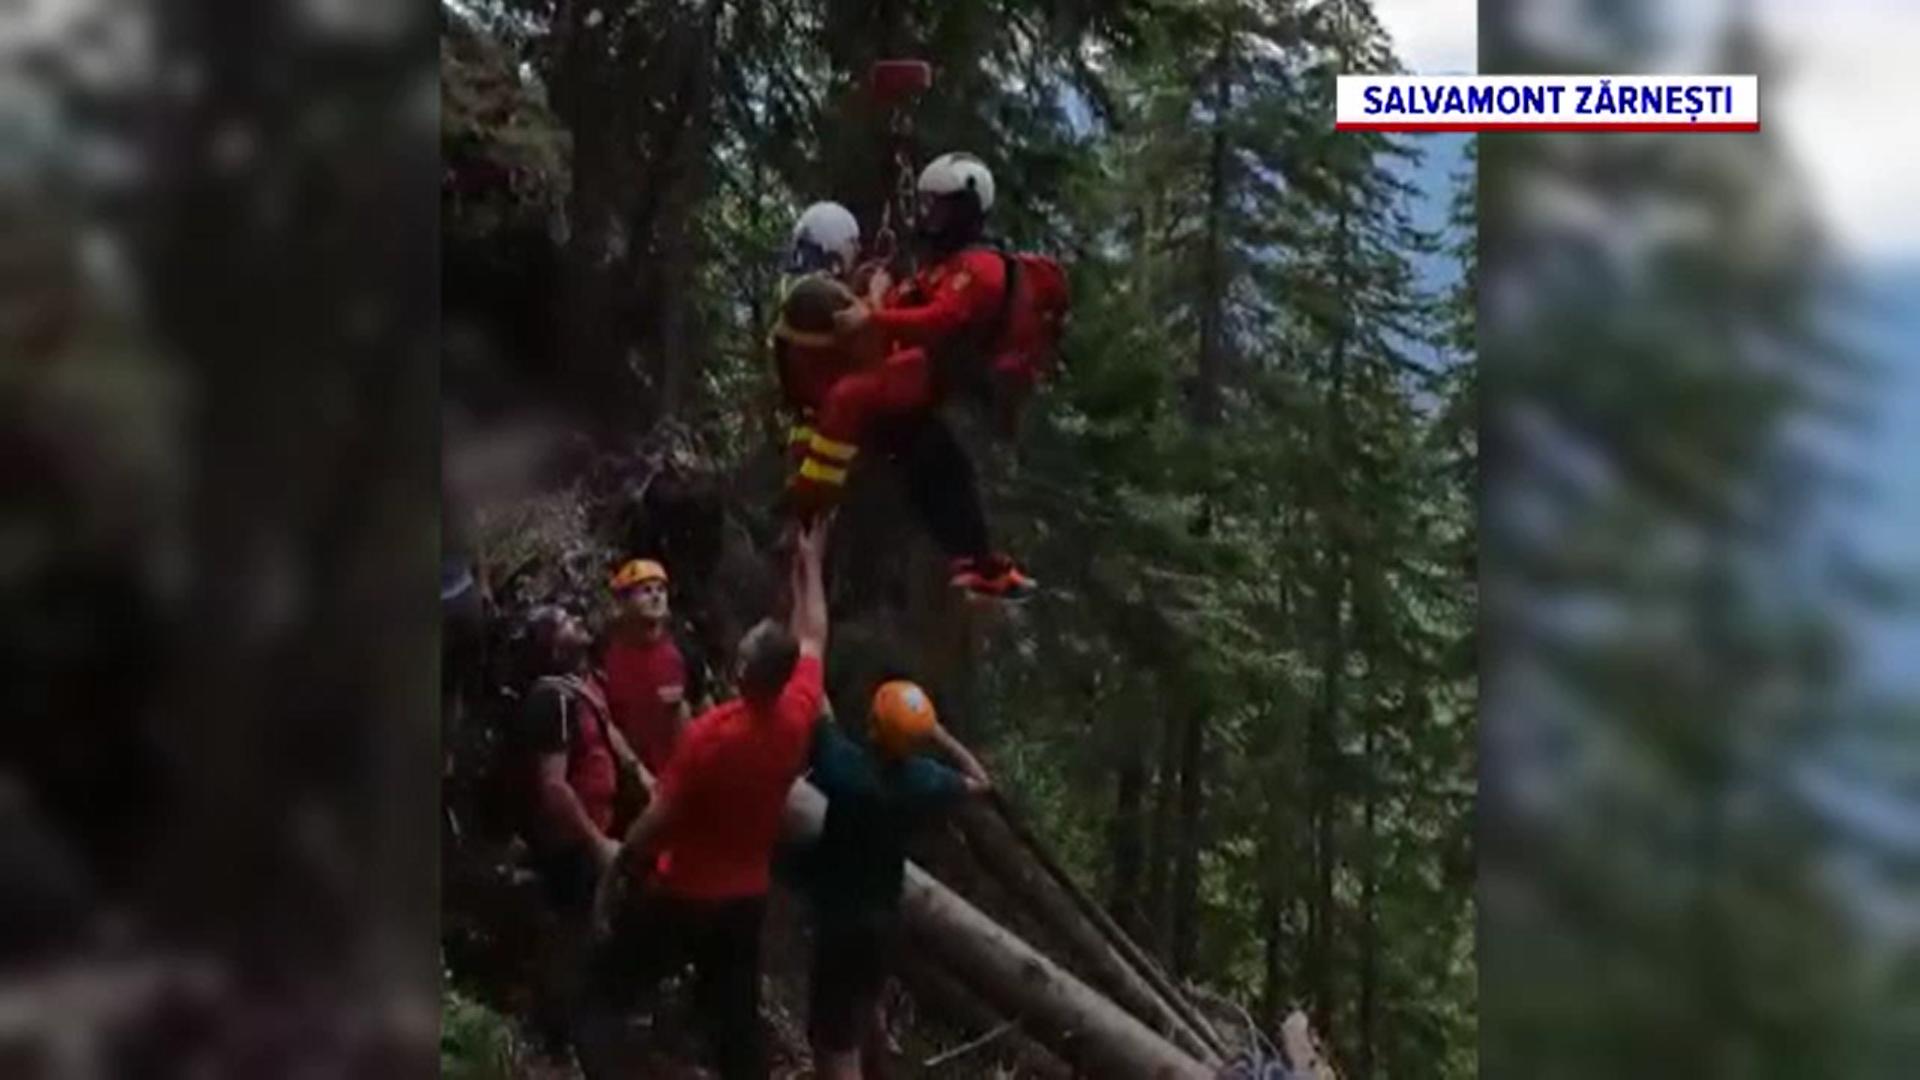 Un turist a fost salvat de salvamontiști după ce a căzut în gol mai bine de 30 de metri, în masivul Piatra Craiului